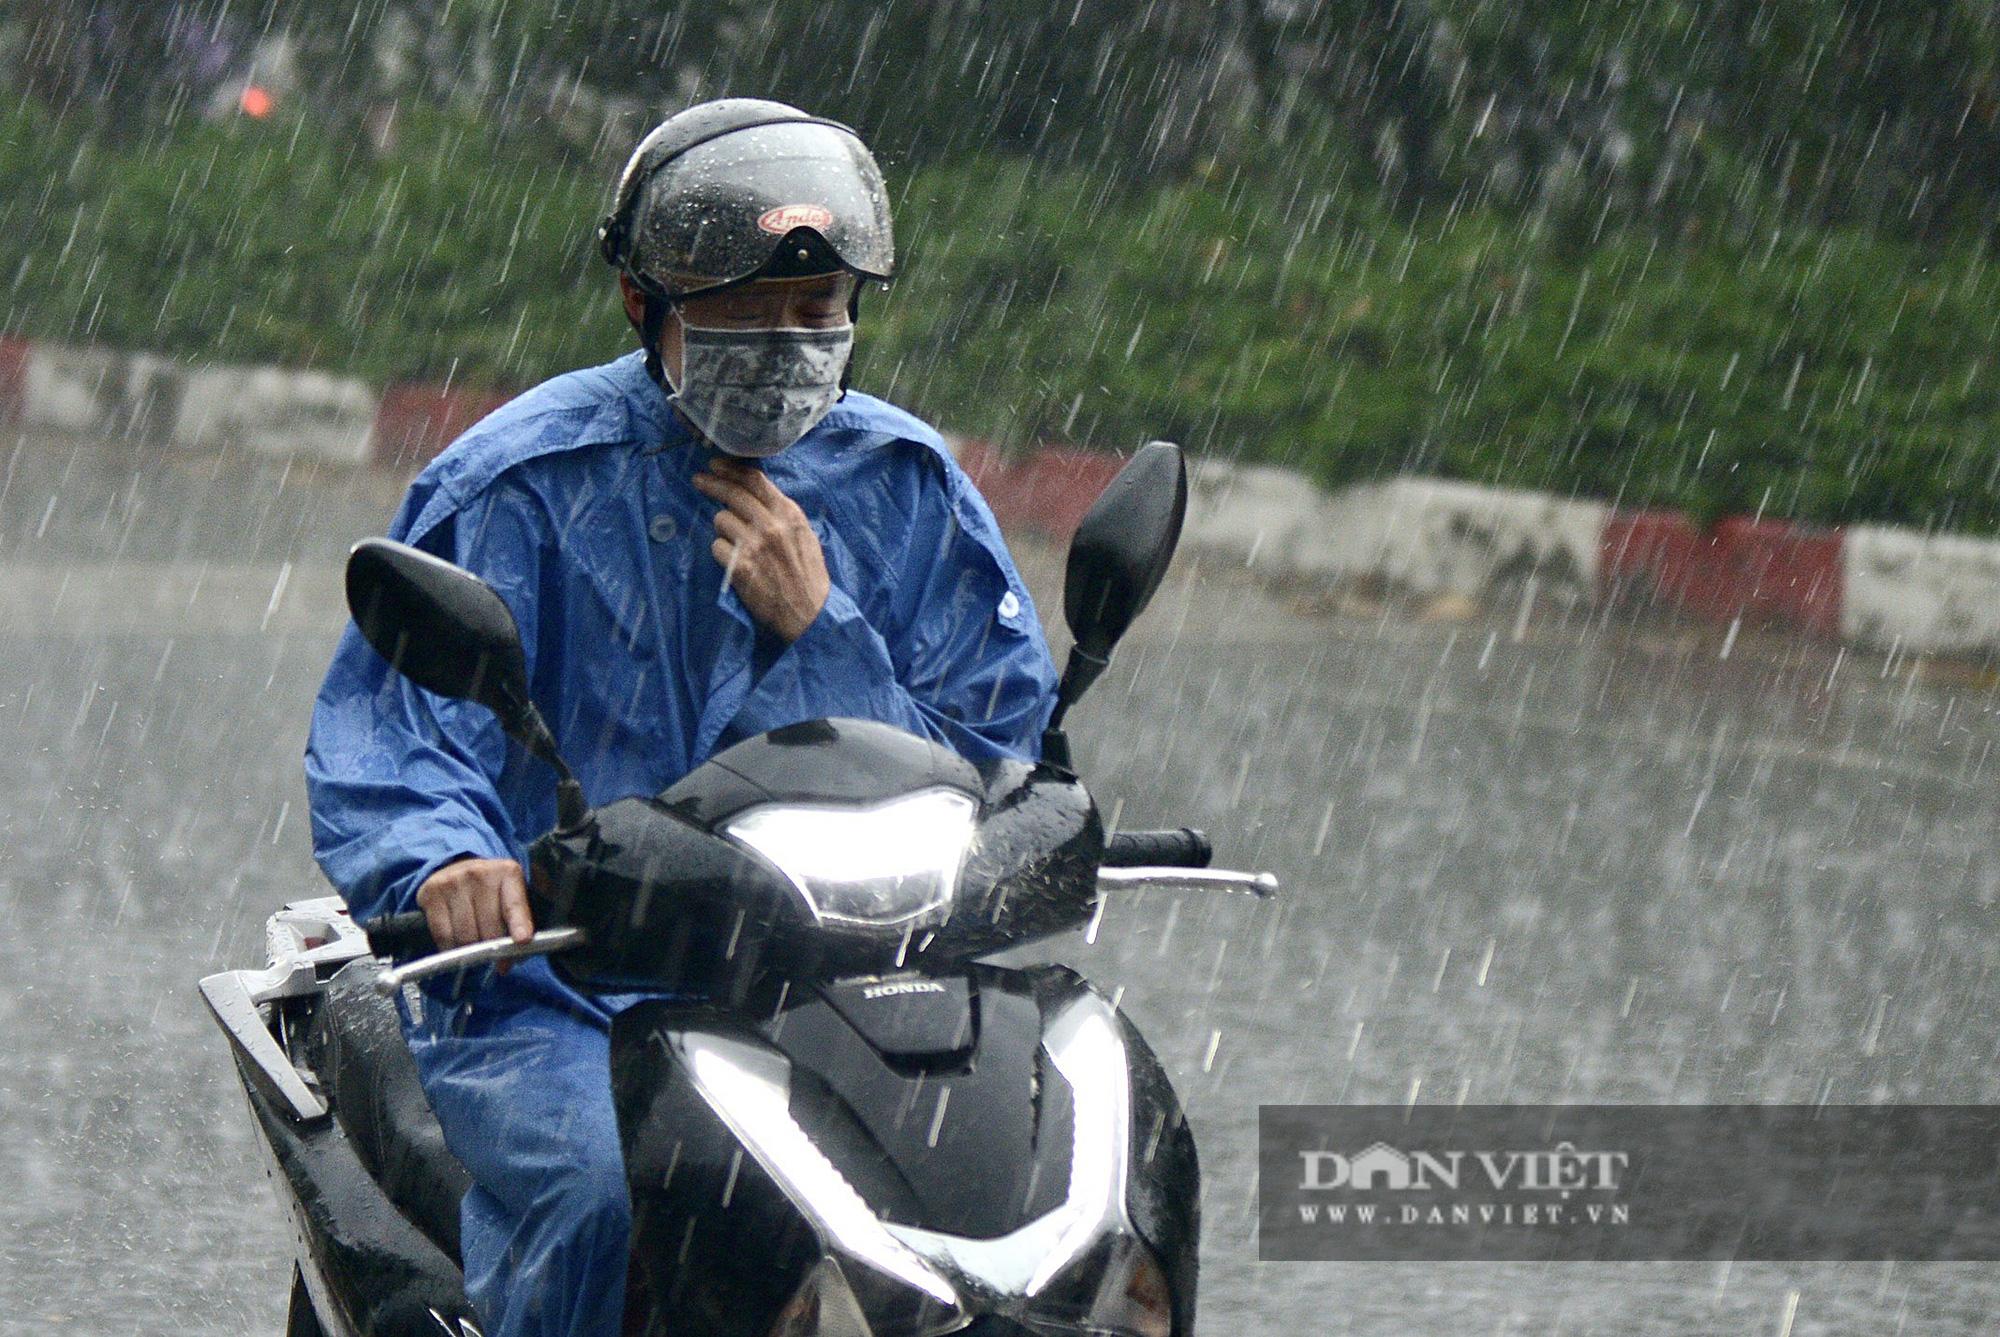 Bầu trời Hà Nội mưa liên tiếp, thời tiết mát mẻ sau nhiều ngày nắng nóng gần 40 độ C - Ảnh 3.